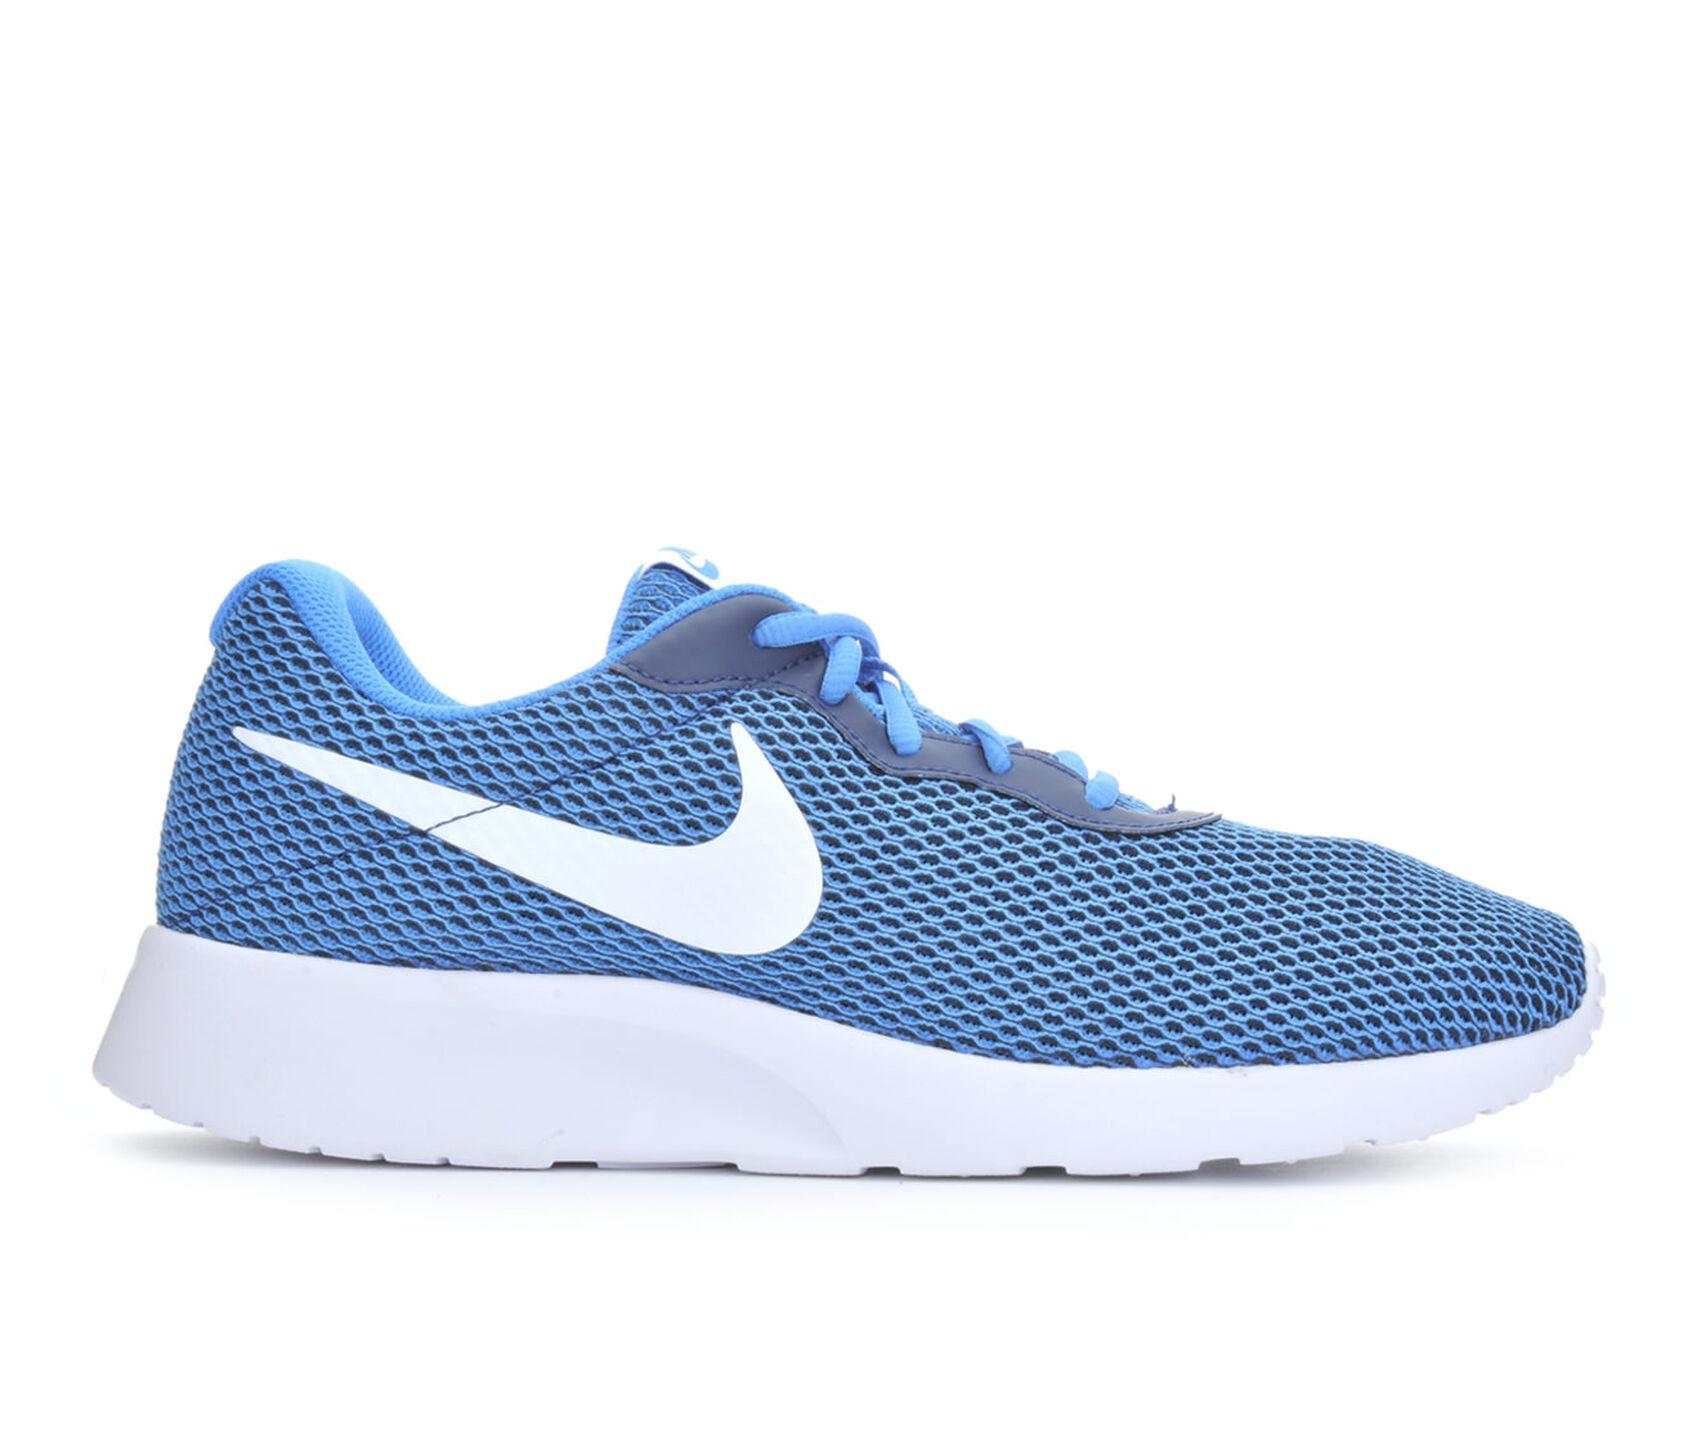 half off 82fd1 28656 Images. Men39s Nike Tanjun SE Sneakers